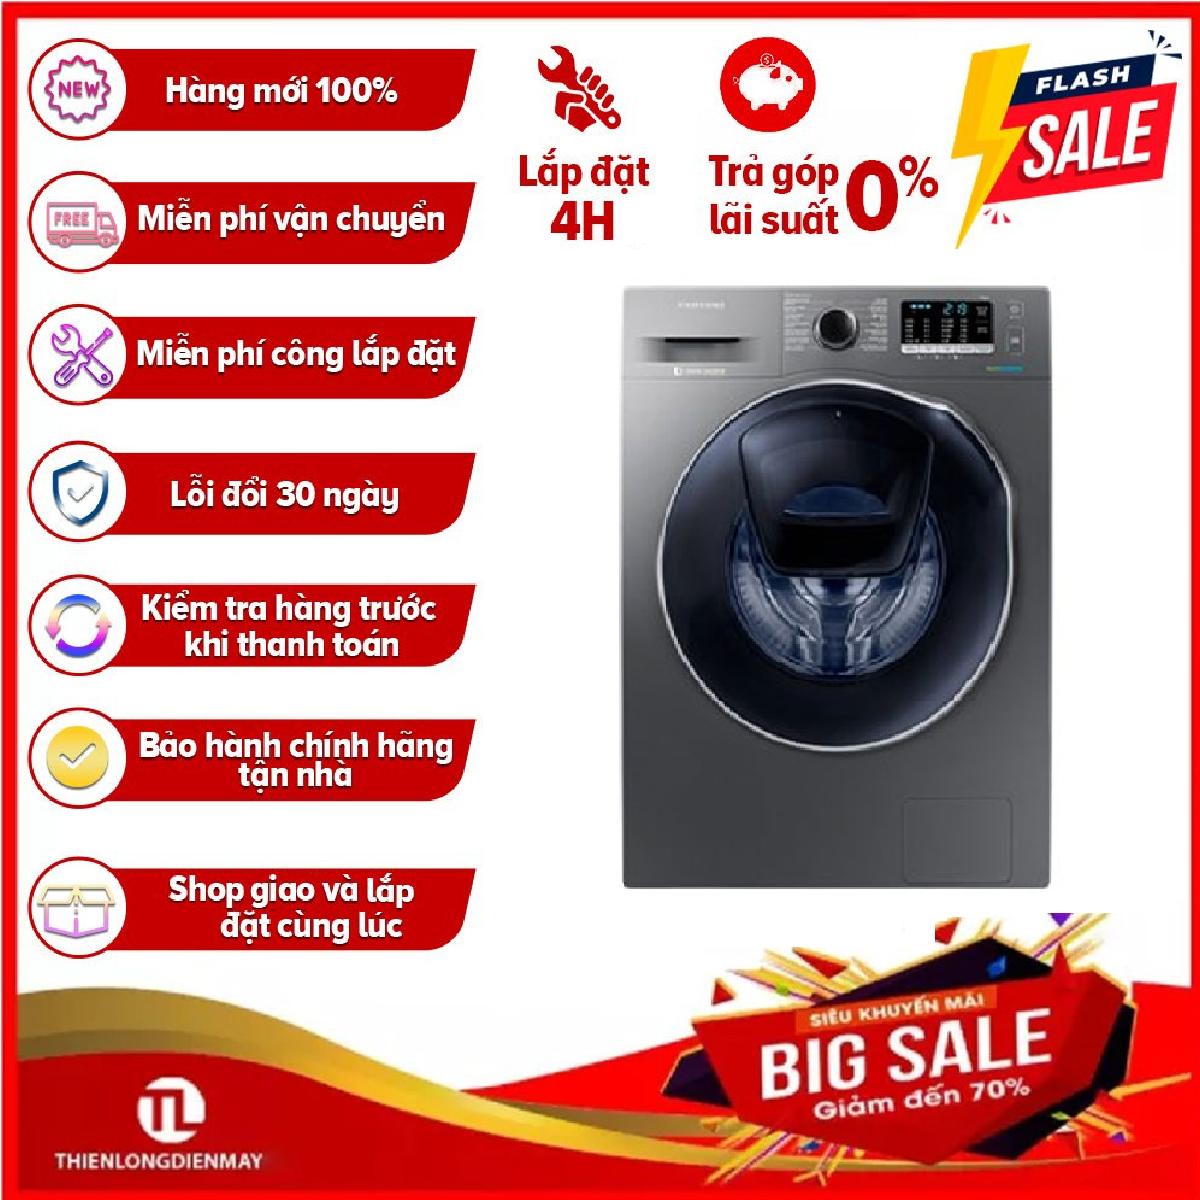 [GIAO HÀNG 2 – 15 NGÀY, TRỄ NHẤT 30.09] [Trả góp 0%]Máy giặt sấy Samsung AddWash Inverter 9.5 kg WD95K5410OX/SV- Sản phẩm mới 100% đã được kích hoạt bảo hành. Thời hạn bảo hành 22 tháng.